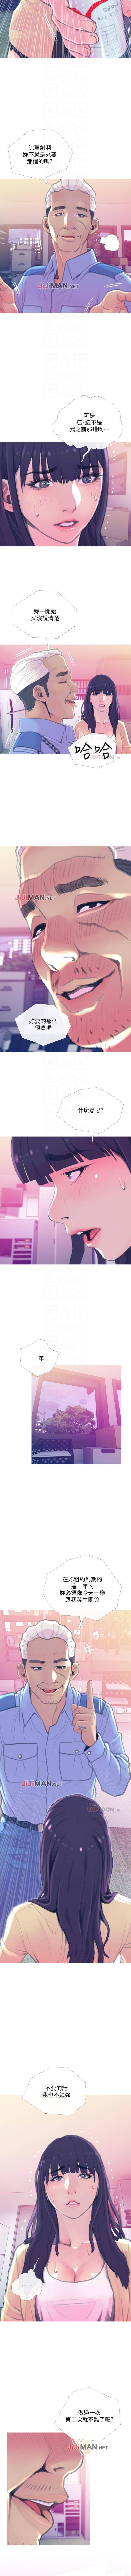 【周五连载】主妇危机(作者:查爾斯&漢水) 第1~26话 102